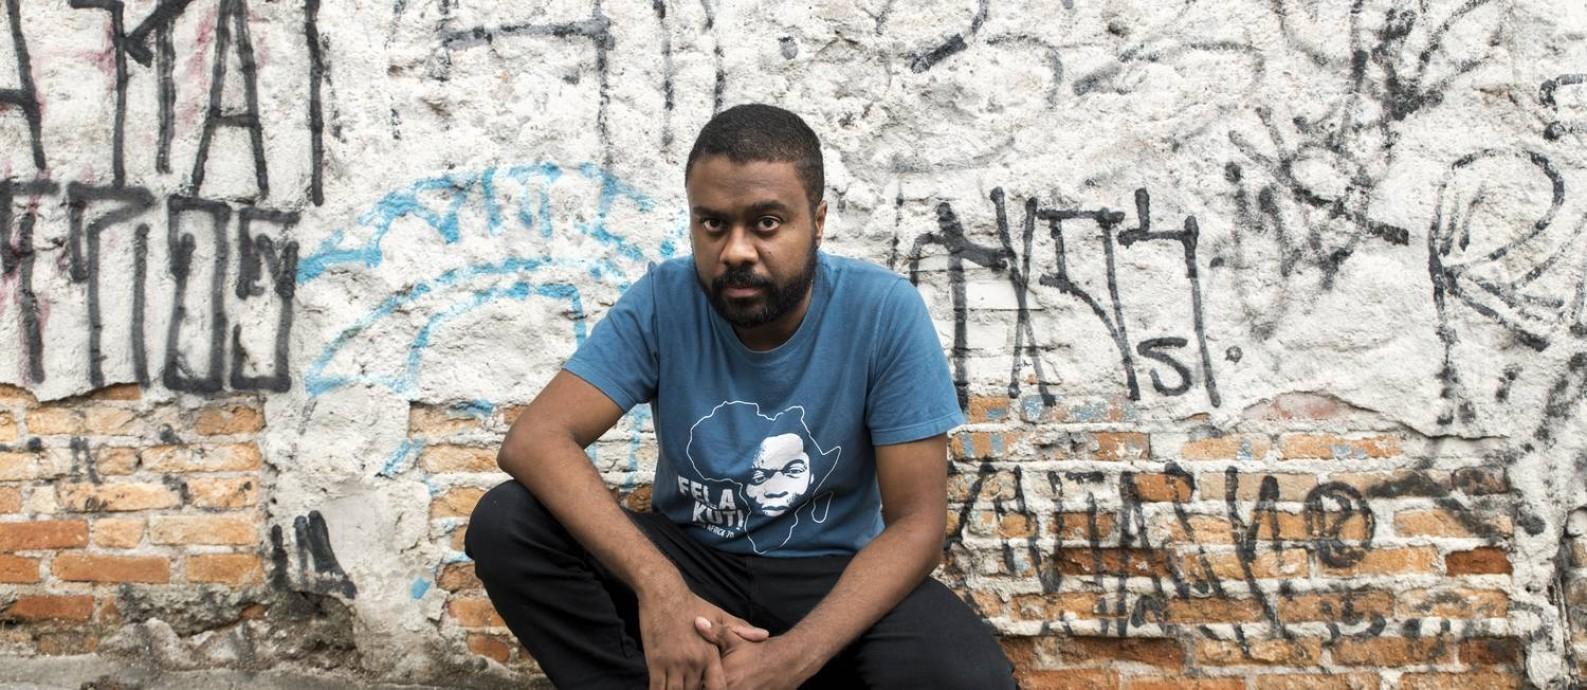 """Para Marcelo D'Salete, a abolição da escravidão """"não aconteceu com uma canetada"""" Foto: Rafael Roncato / Divulgação"""